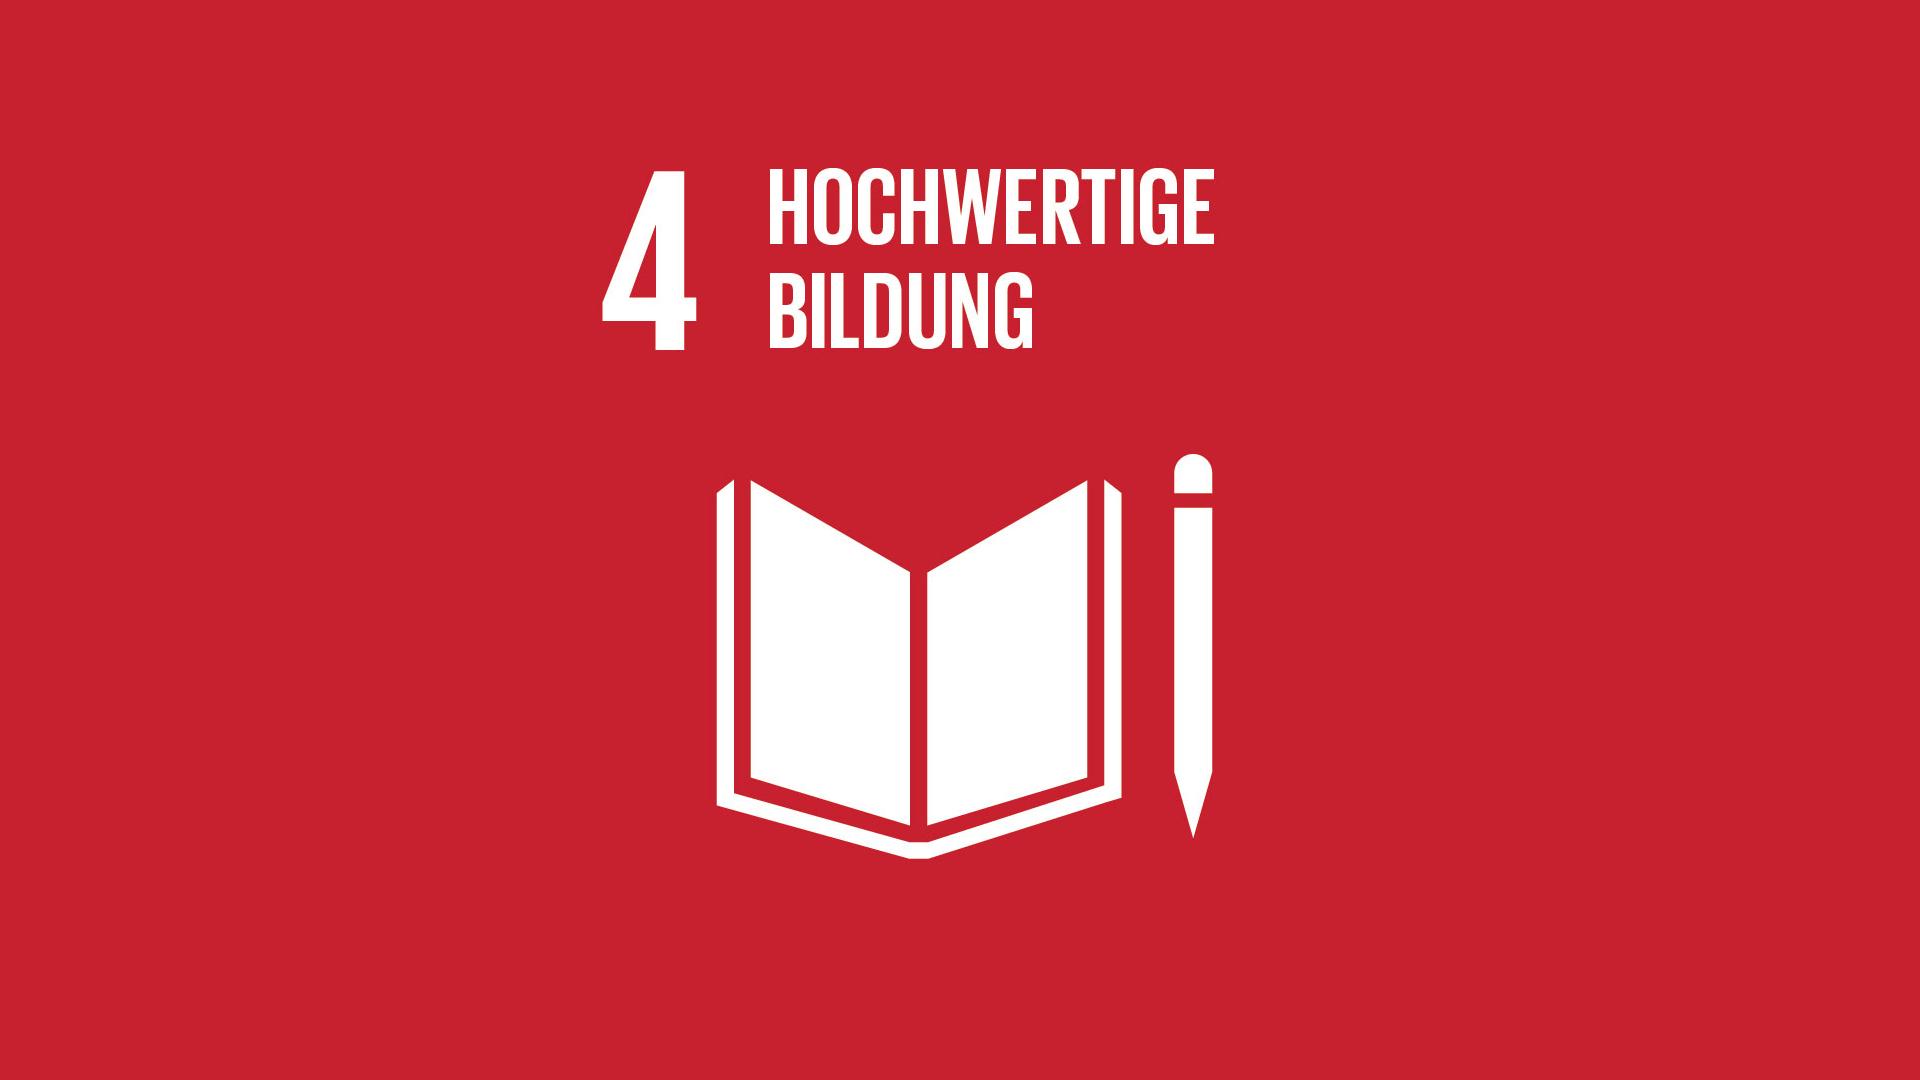 SDG 4: Hochwertige Bildung